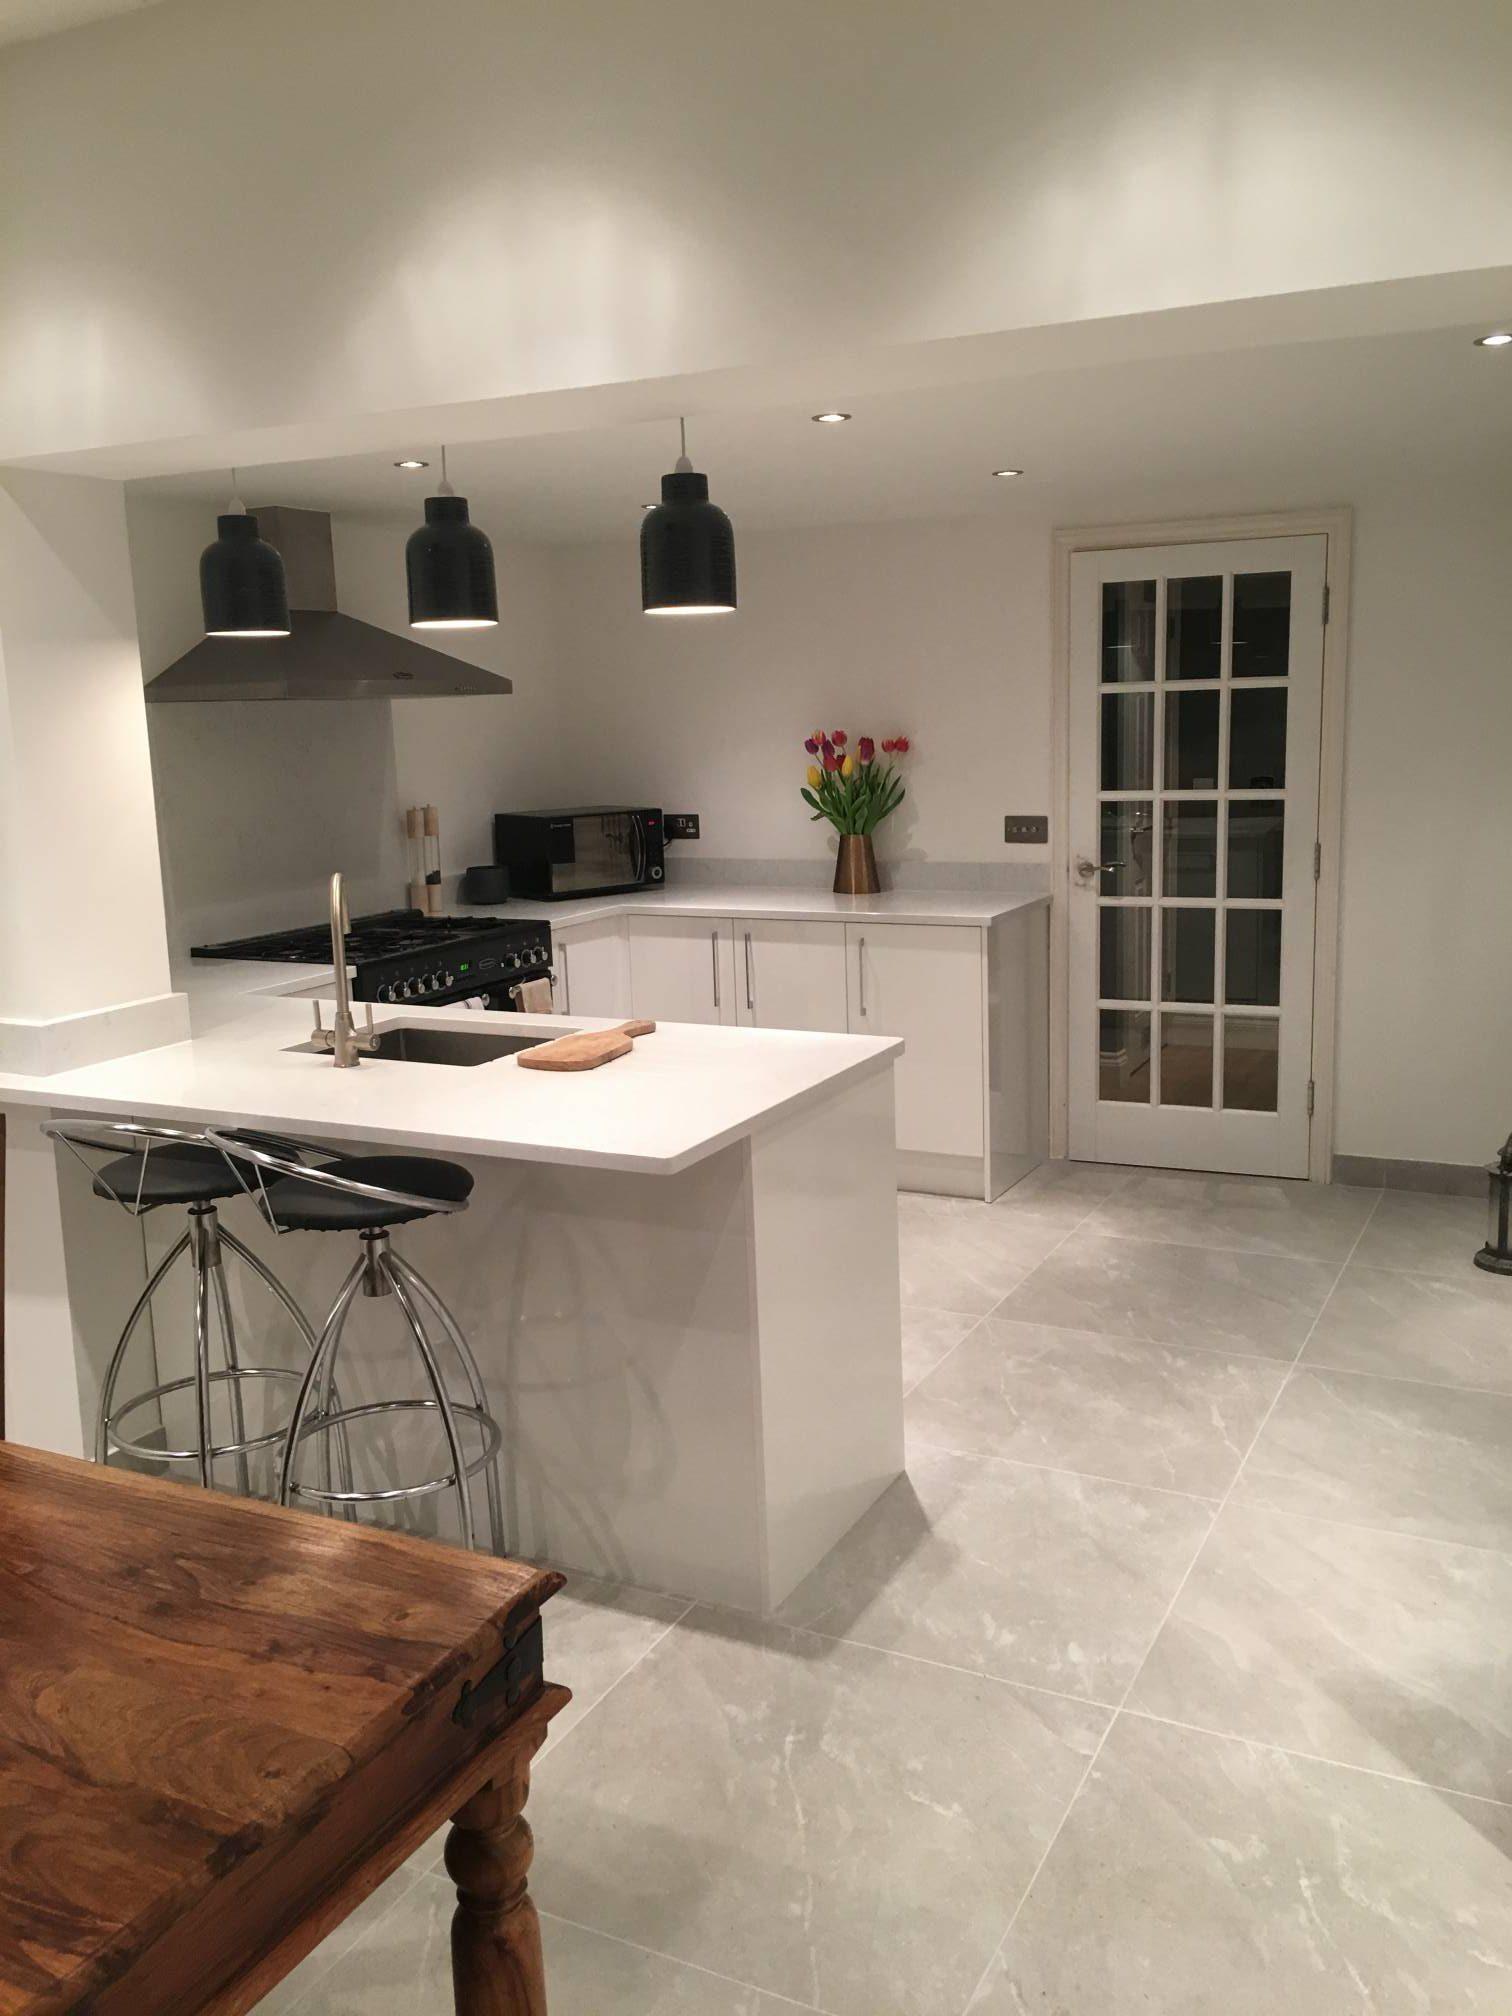 kitchen-renovation-kitchen-refurbishment-London